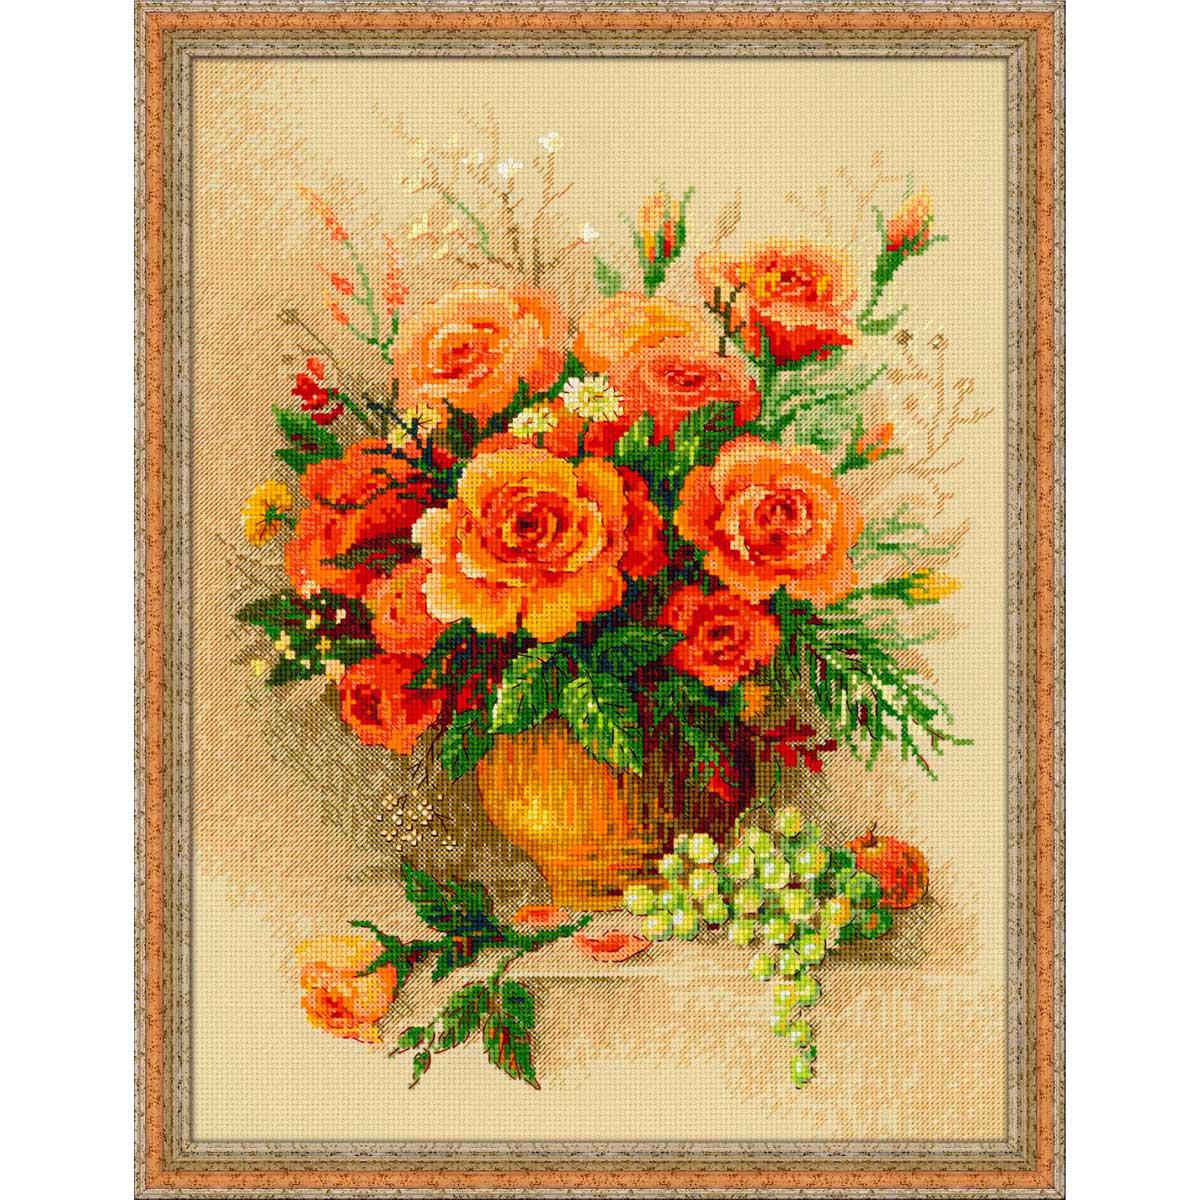 100/049 Набор для вышивания Riolis 'Чайные розы', 30*40 см